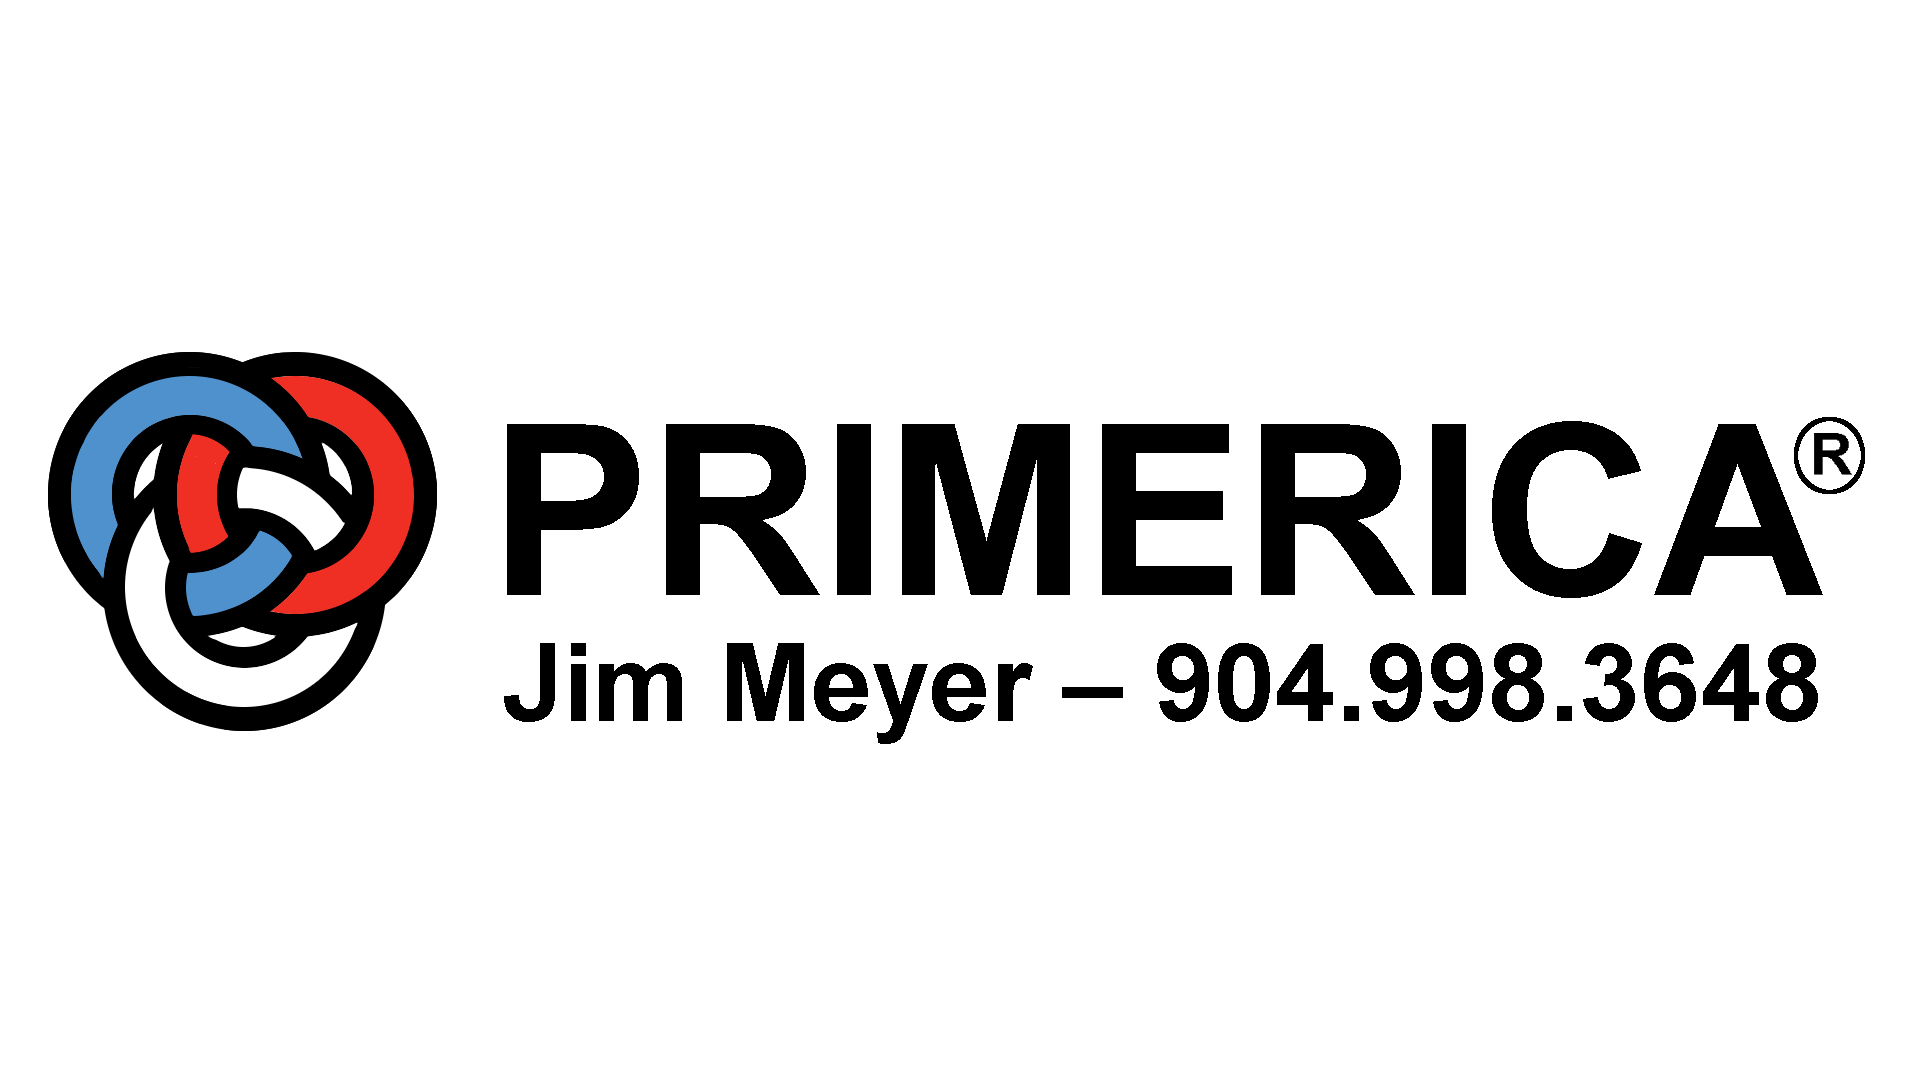 primerica - HEAL Sponsor